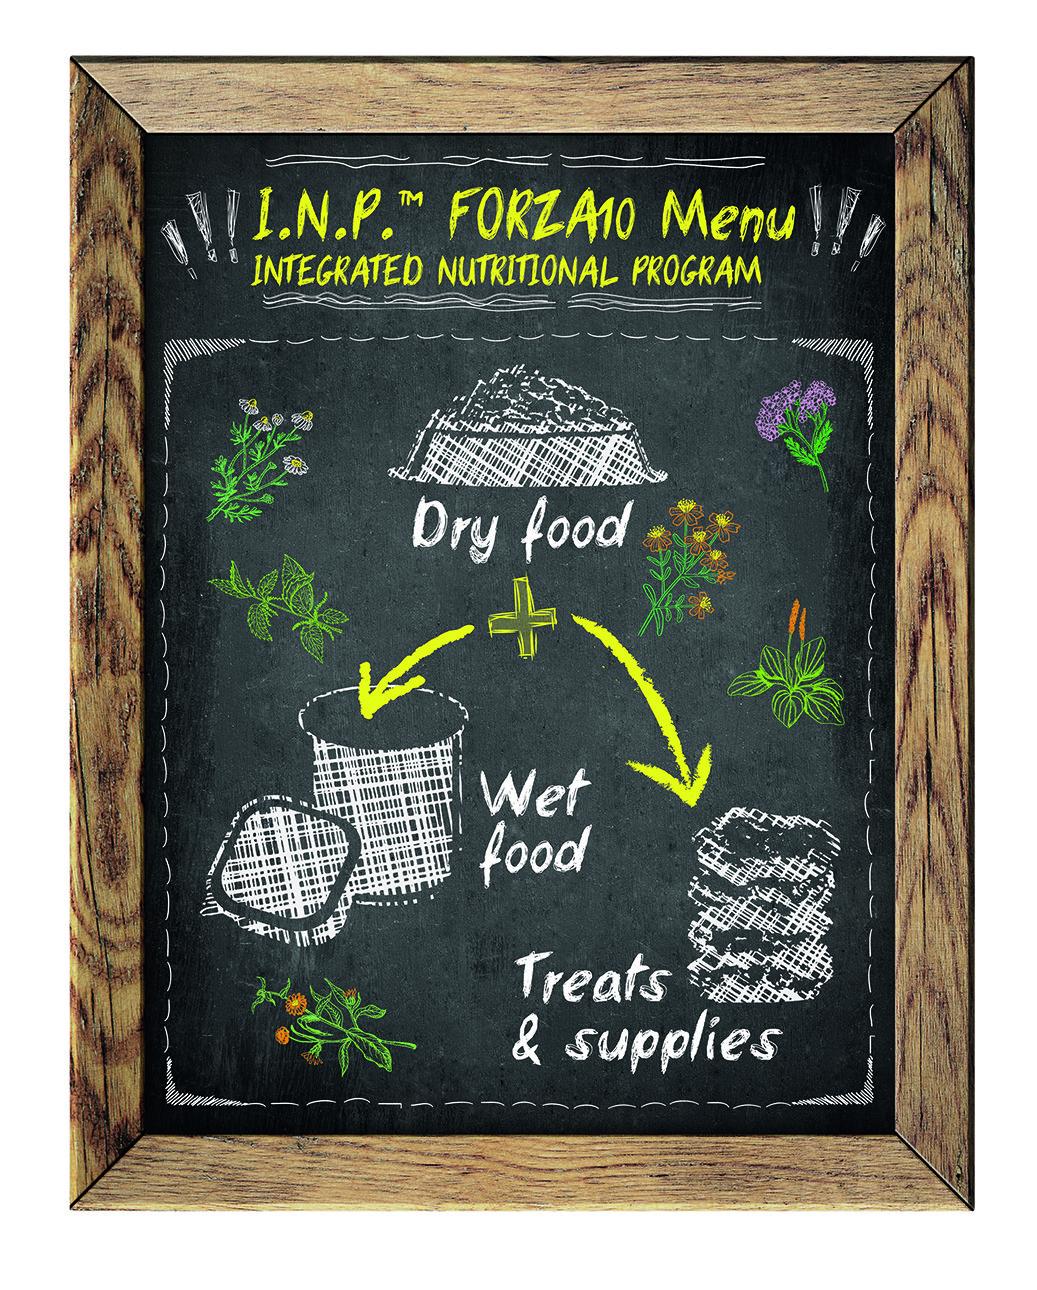 Solo crocchette per cani? Un Piano Nutrizionale Integrato adatto ai tuoi amici a 4 zampe!